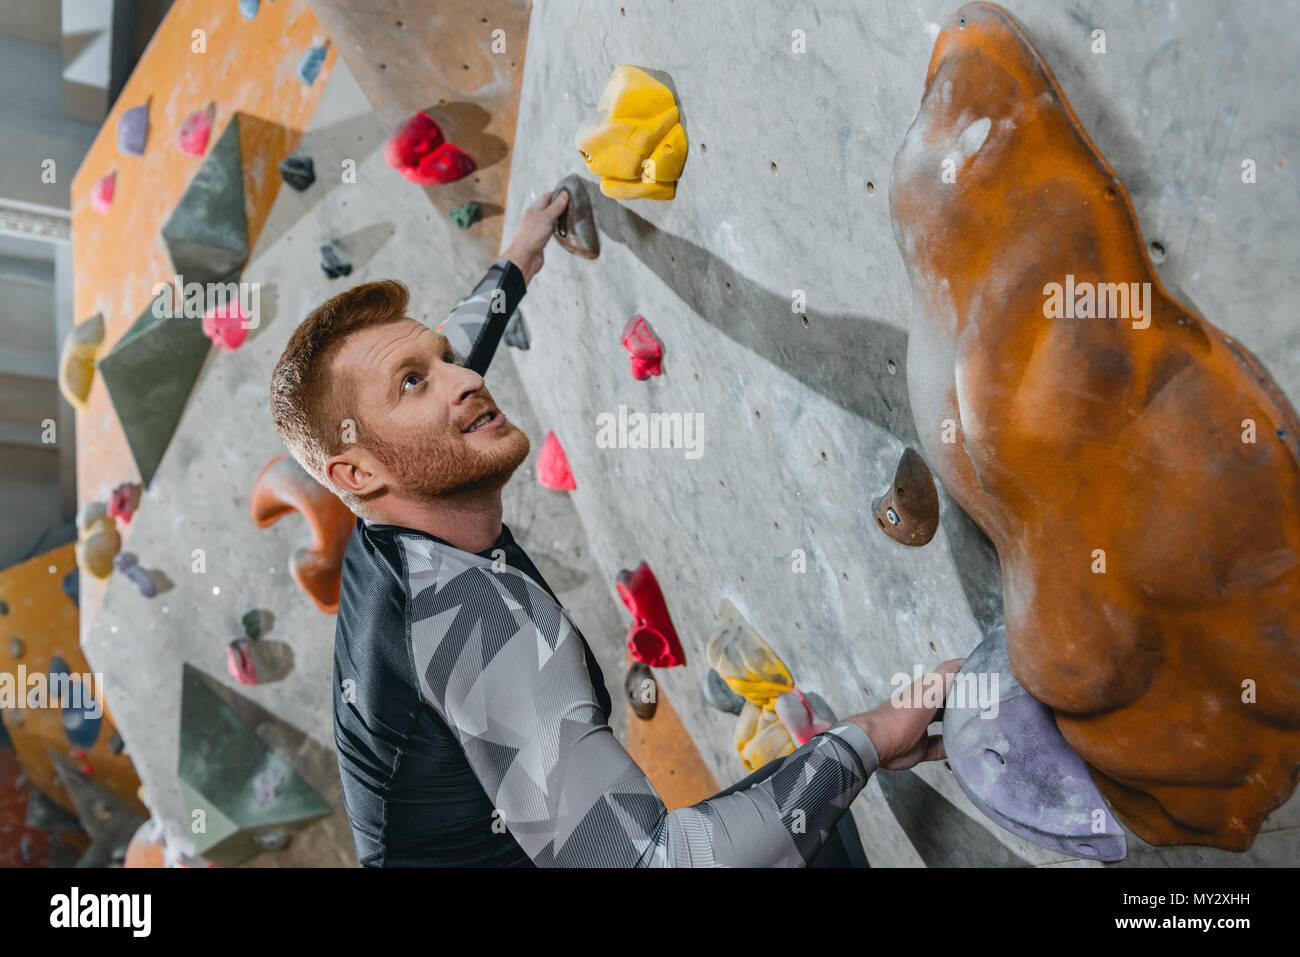 Coup de demi-longueur de jeune homme dans une tenue sportive escalade un mur avec prises at gym Photo Stock